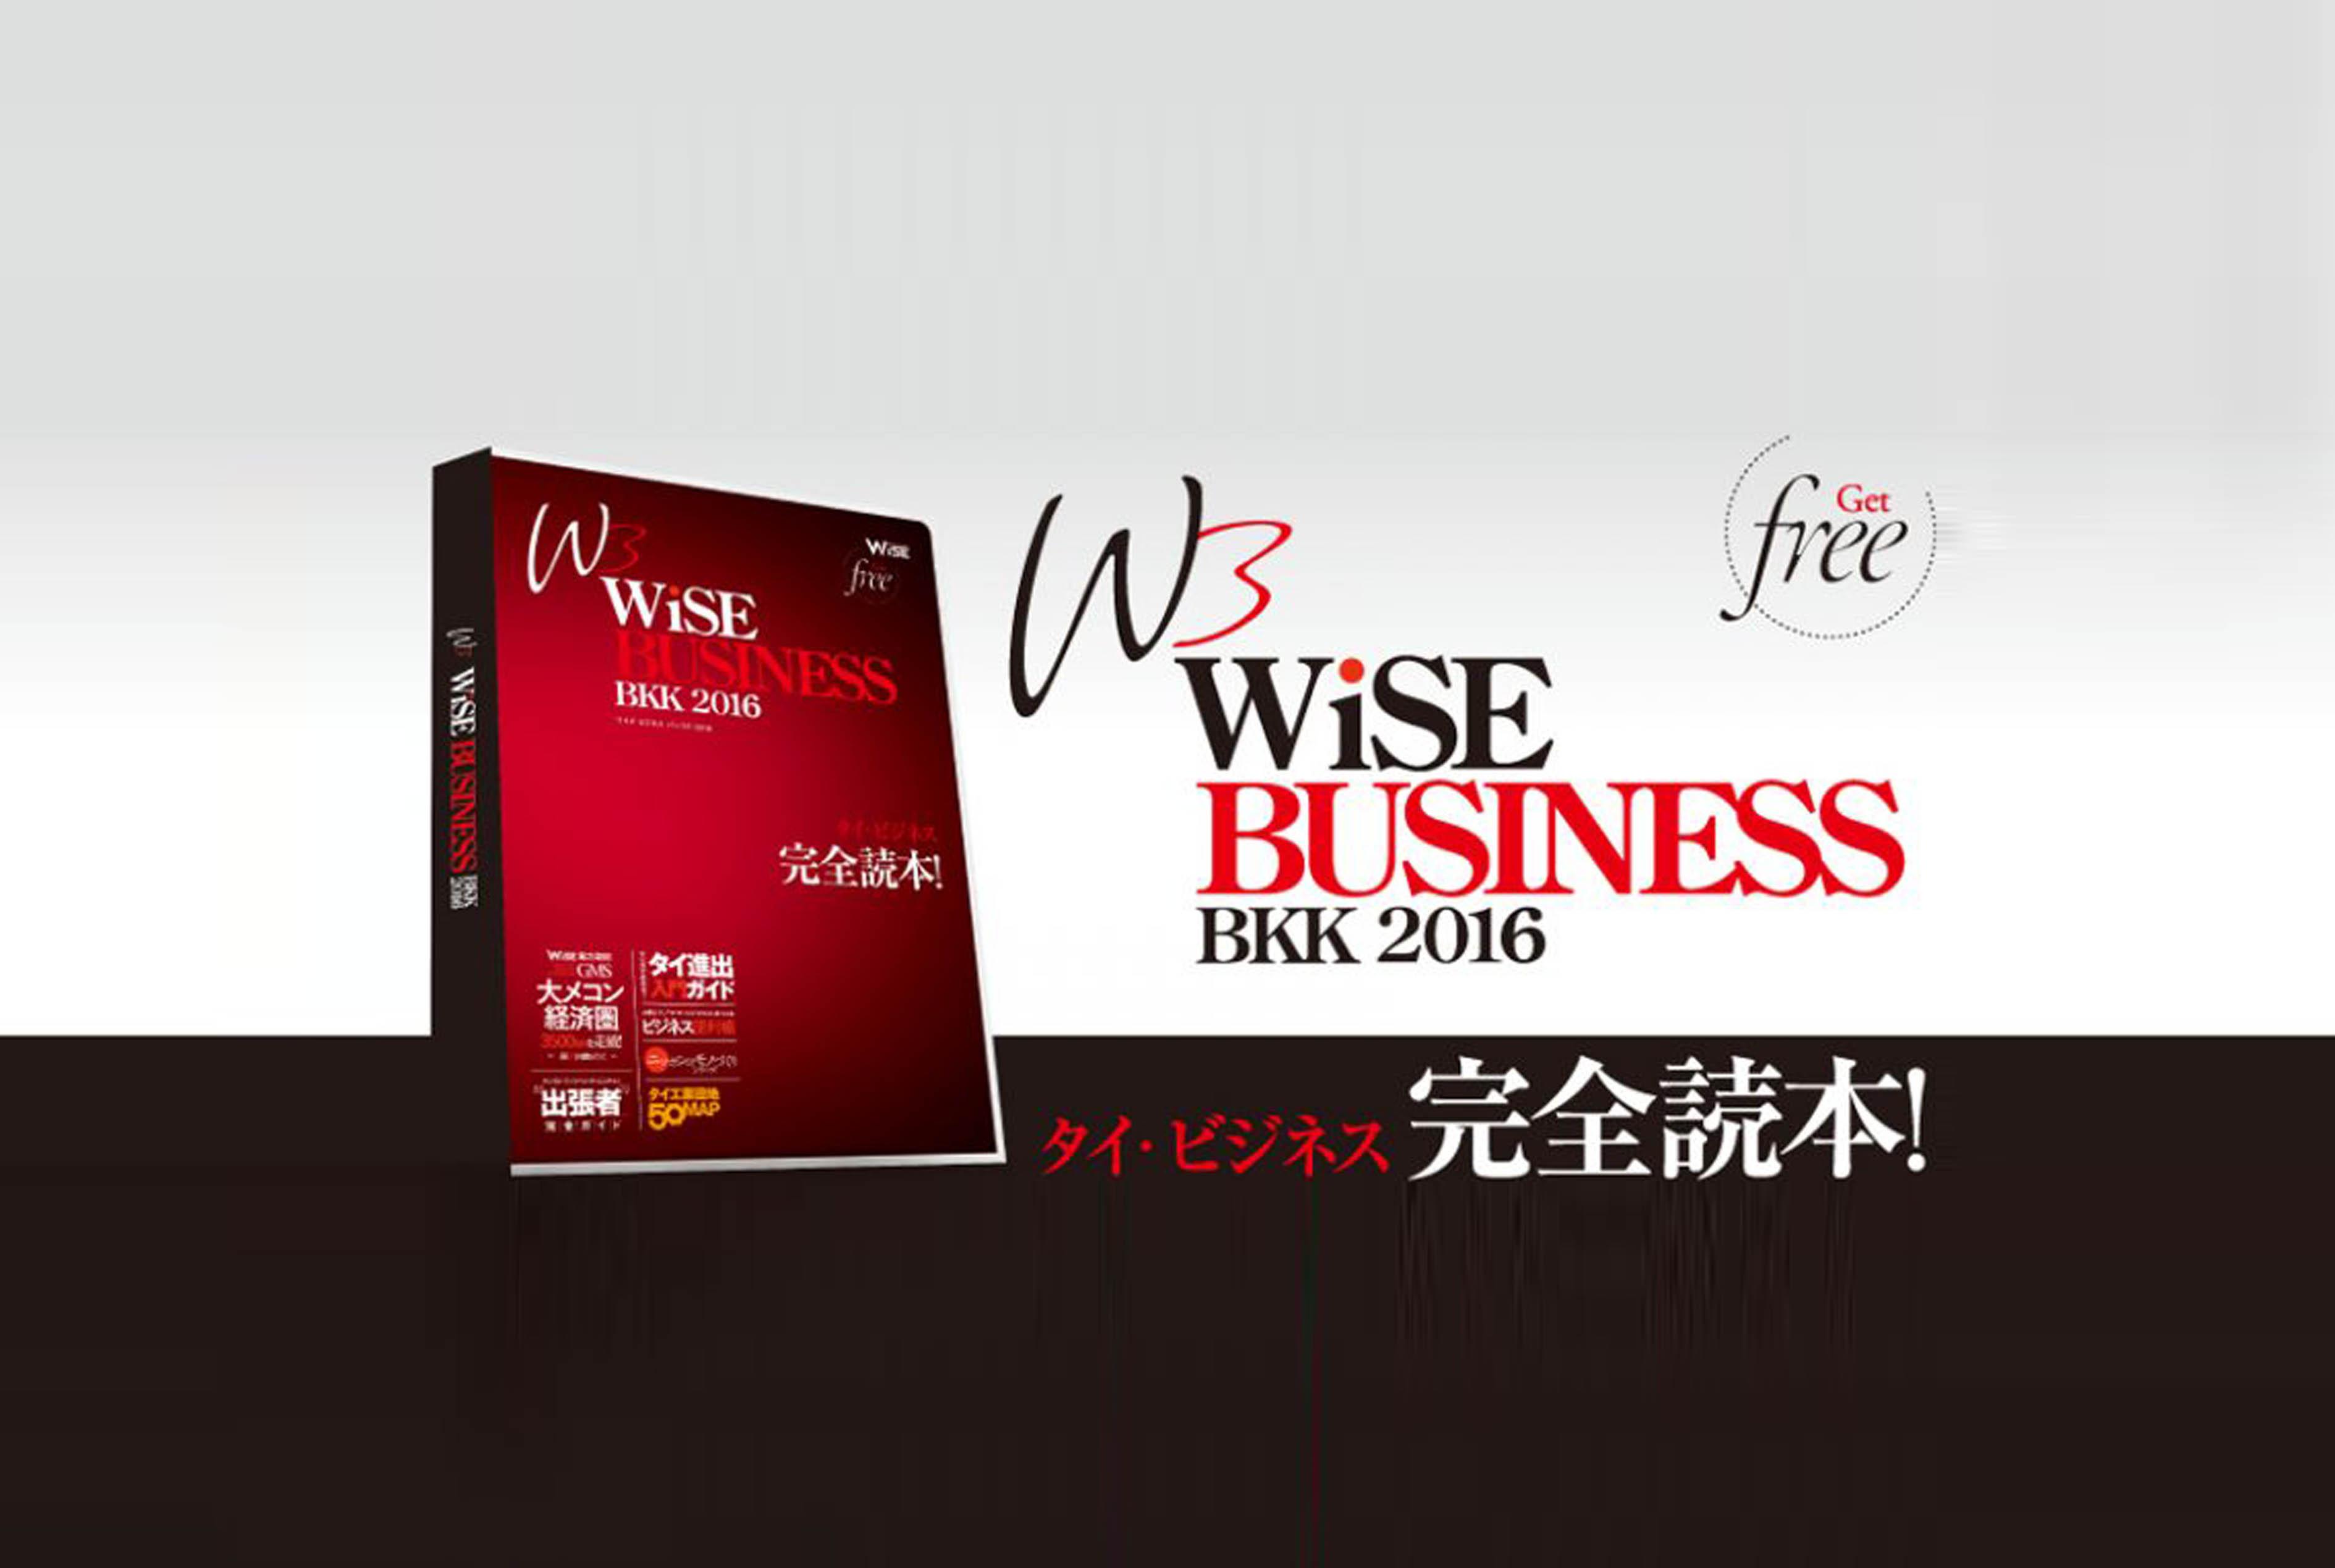 「WiSE BUSINESS BKK 2016」発行 - ワイズデジタル【タイで生活する人のための情報サイト】